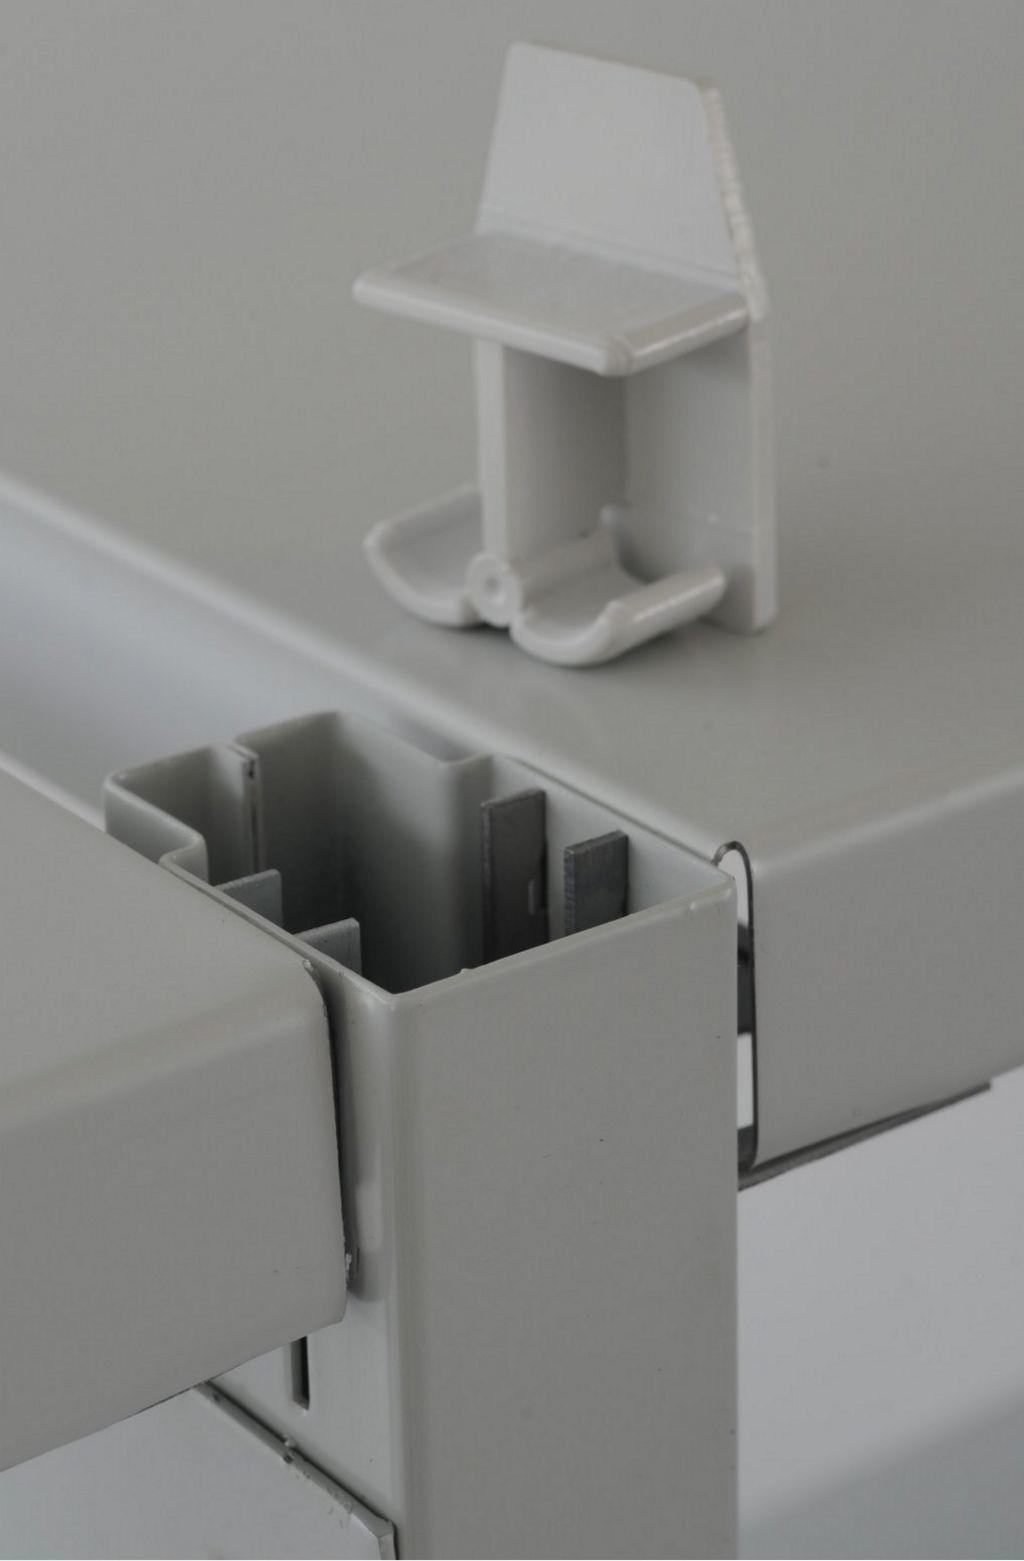 schraubloses Metall-Steckregal